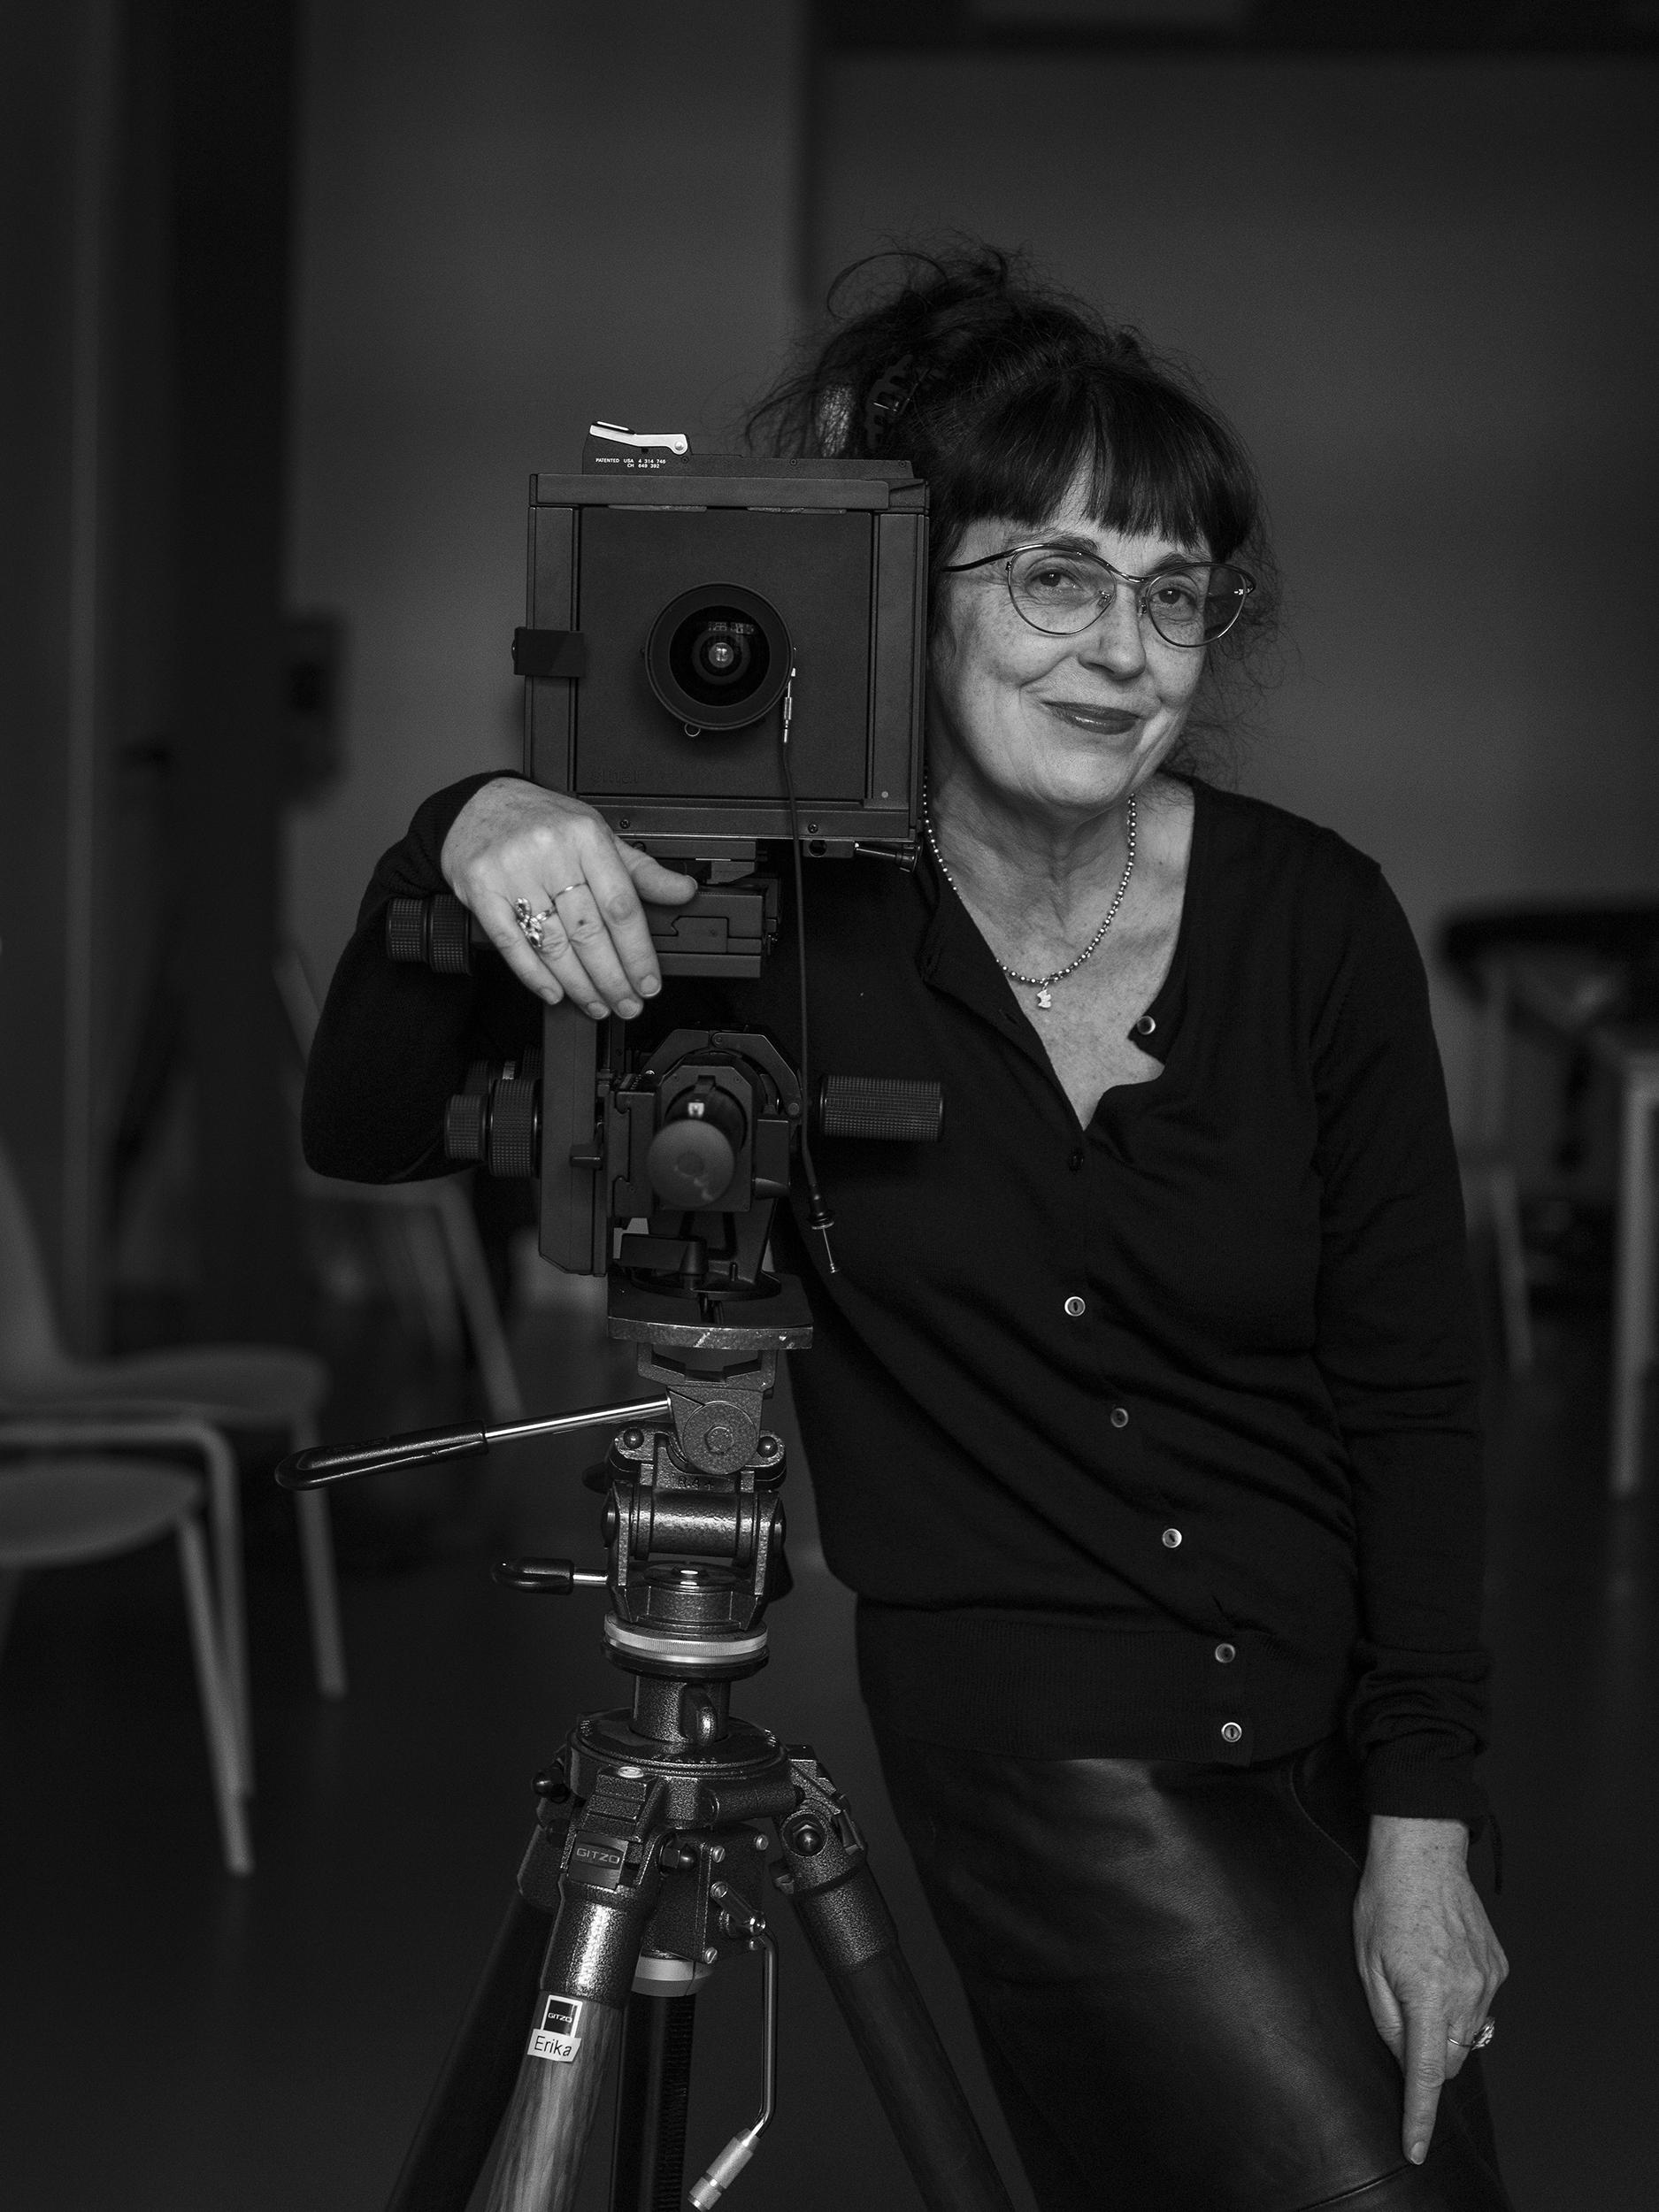 La profesora de Blackkamera Erika Ede en Hamaiketako de Getxophoto 2021.